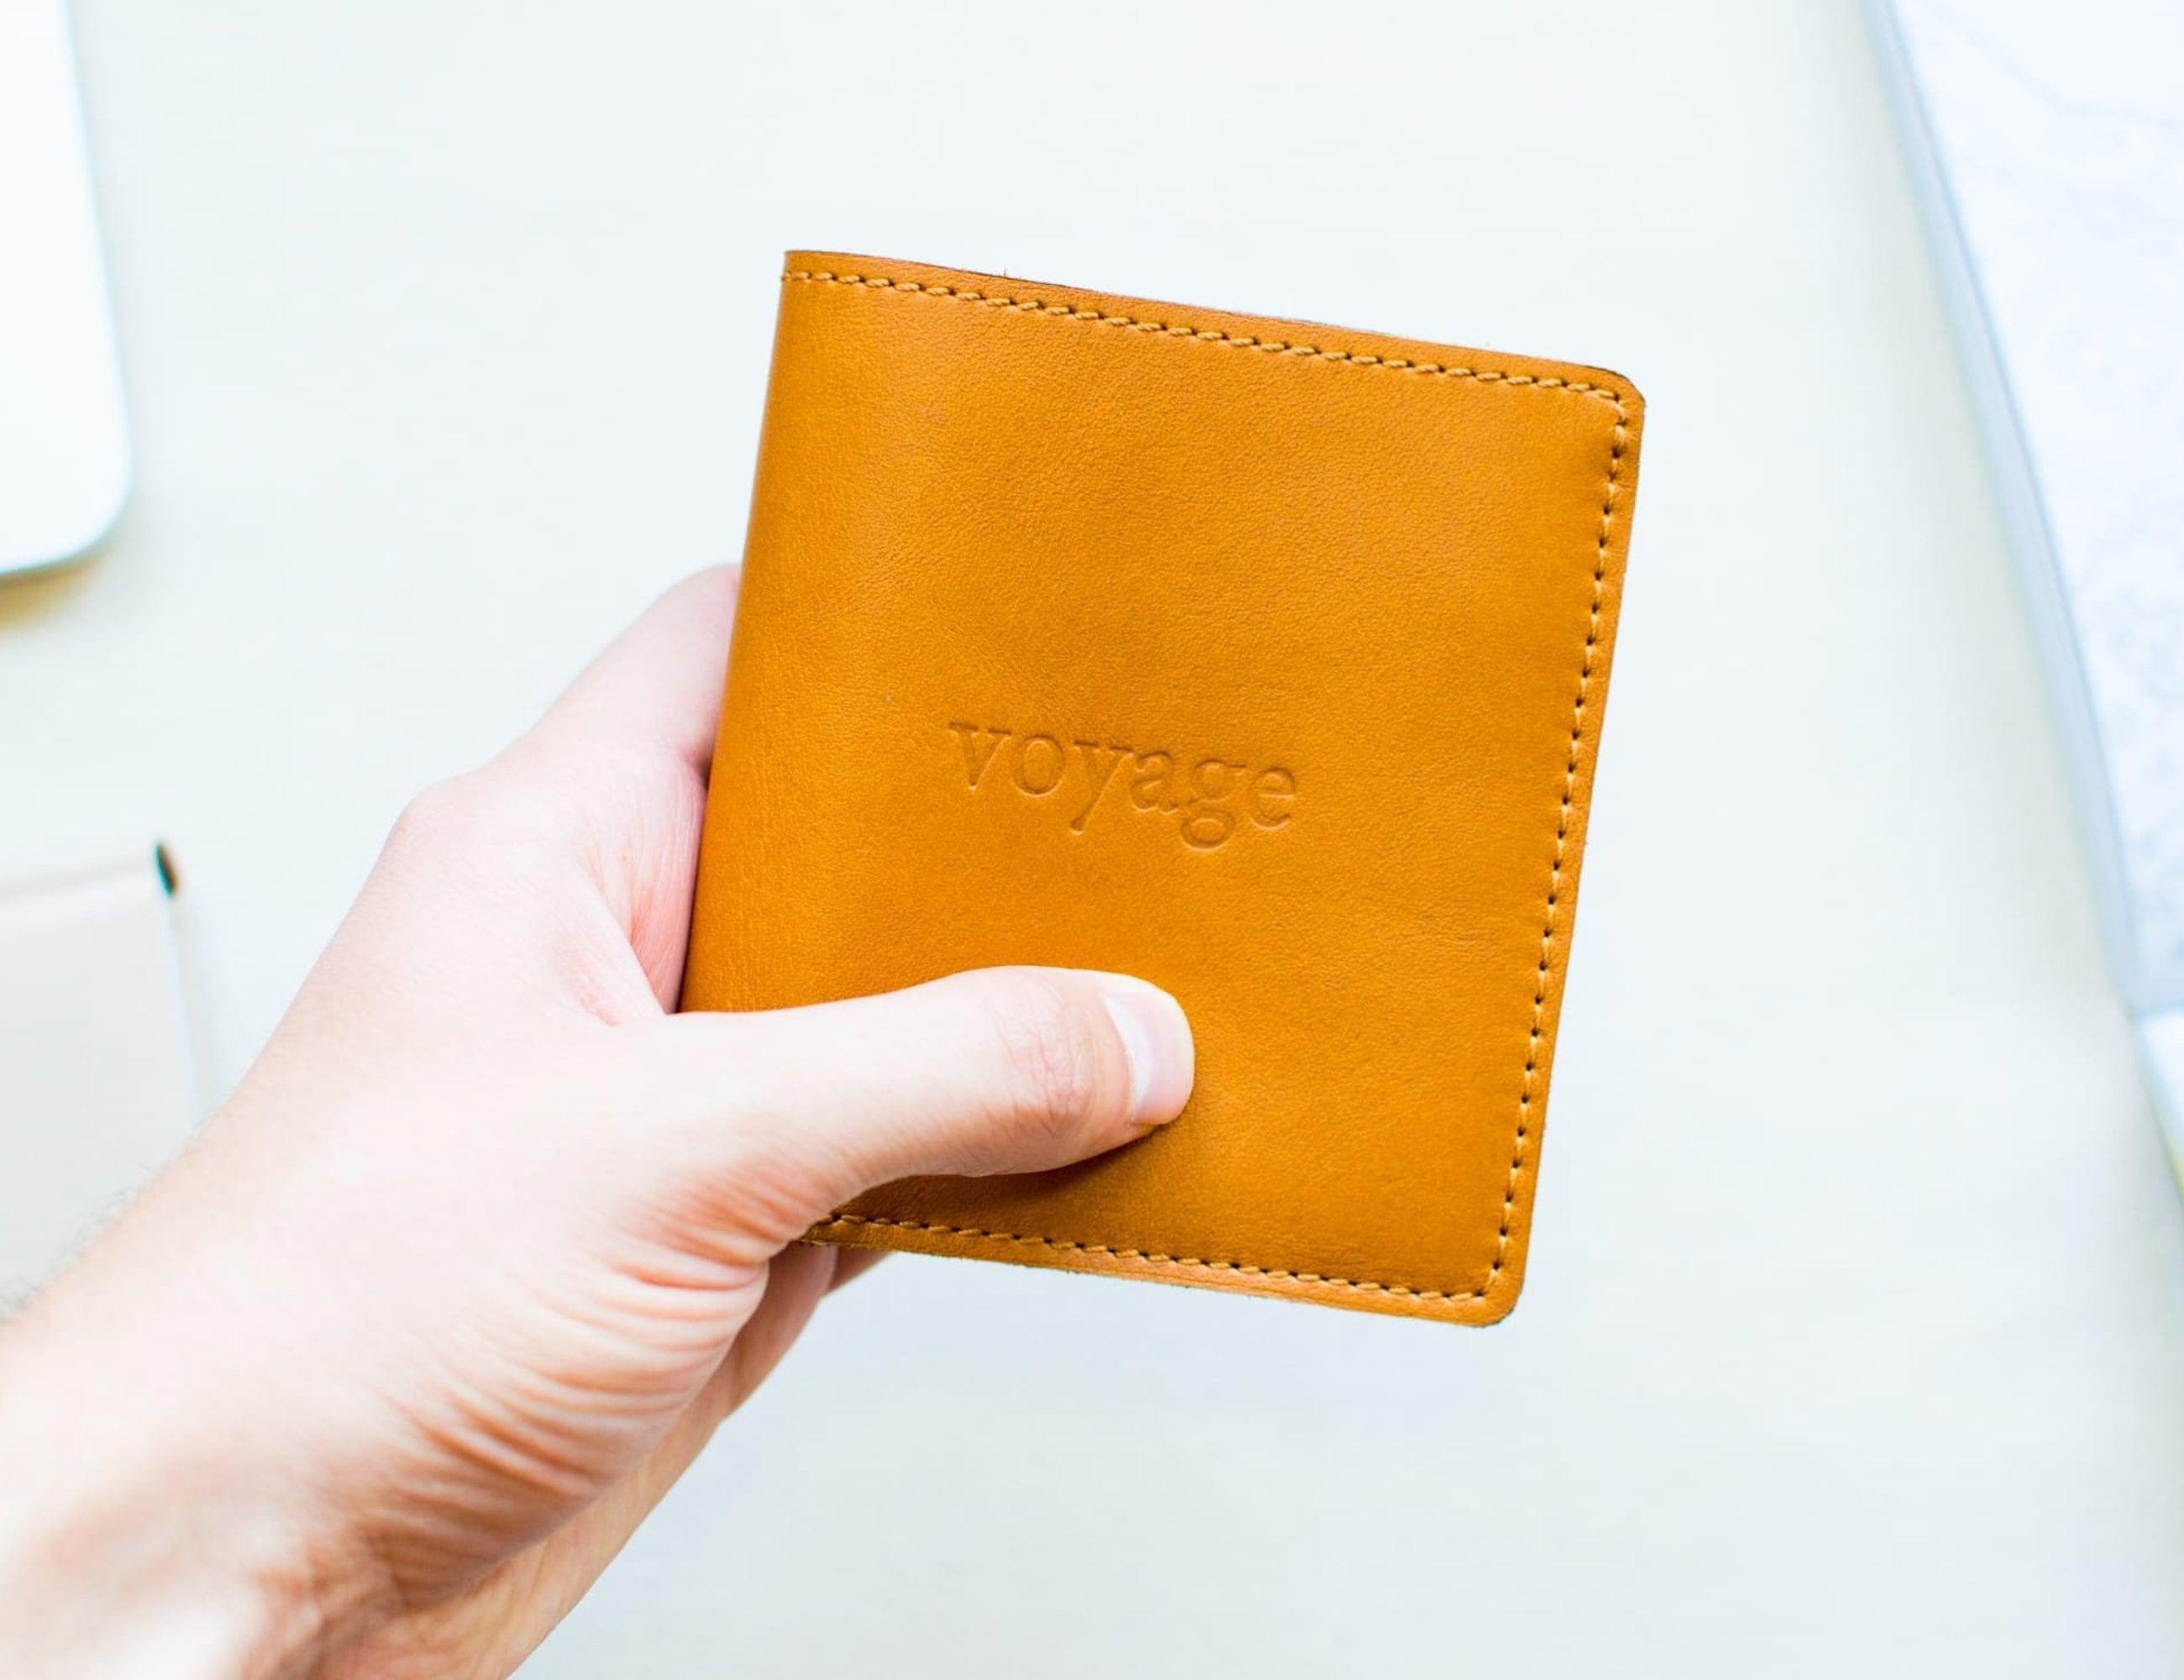 VoyagePrague Slim Minimalist Leather Wallet